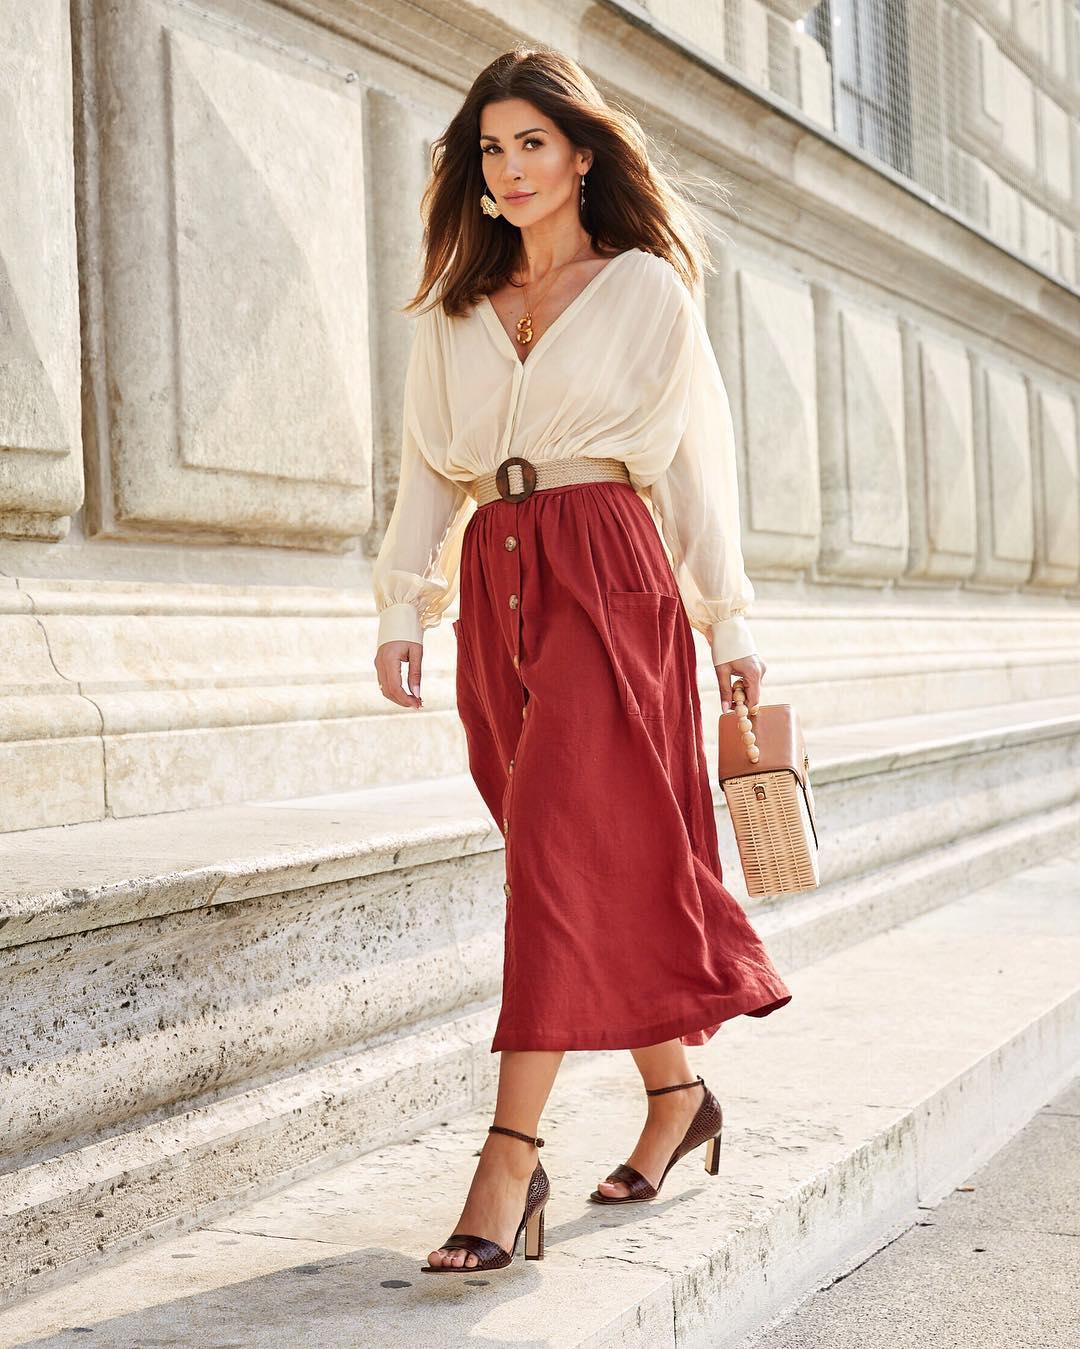 Блузка с длинной юбкой фото 7